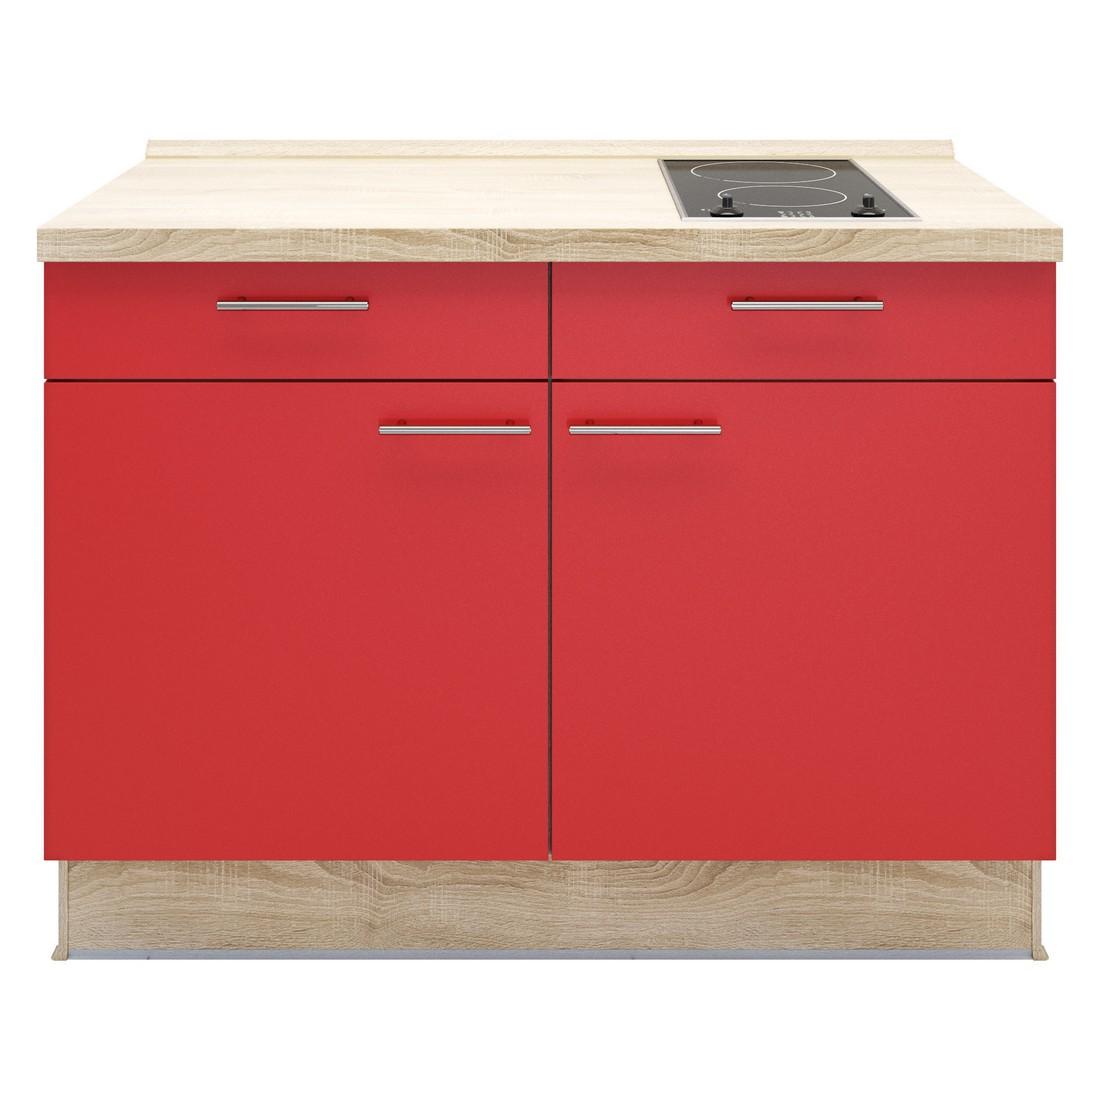 Kochschrank Basic – mit 2-Zonen Glaskeramik Kochfeld – Rot – Ausrichtung Rechts, Kiveda günstig online kaufen